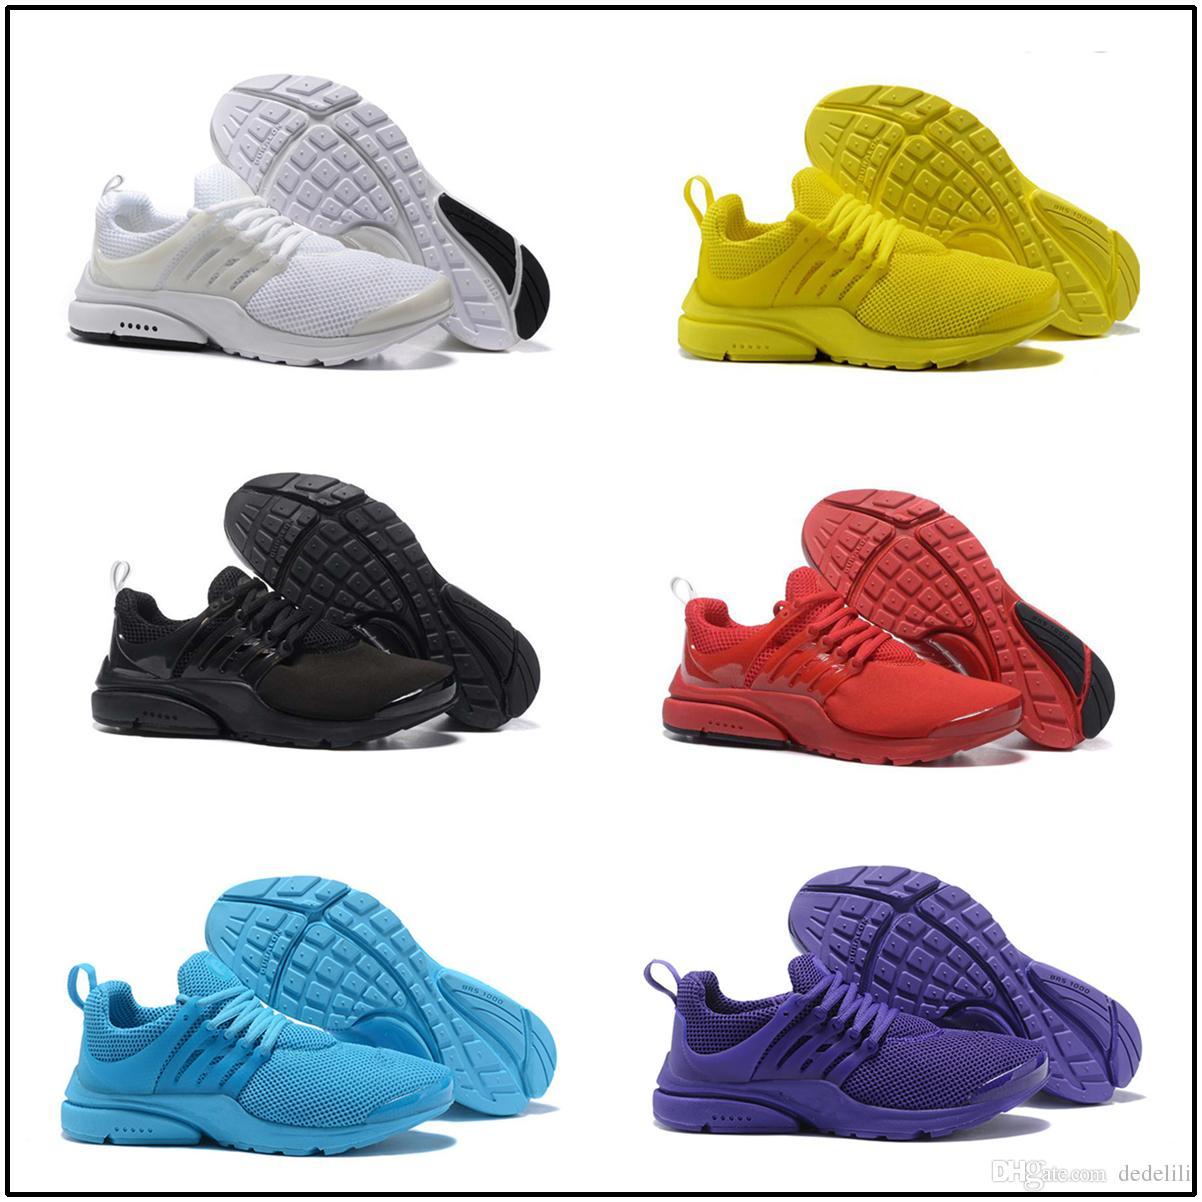 pretty nice fdec5 de774 Compre 2018 New Nike Air Presto 5 BR QS Breathe Negro Blanco Amarillo Rojo  Hombres Zapatos Zapatillas De Deporte Mujeres Zapatillas Calzado Calzado ...